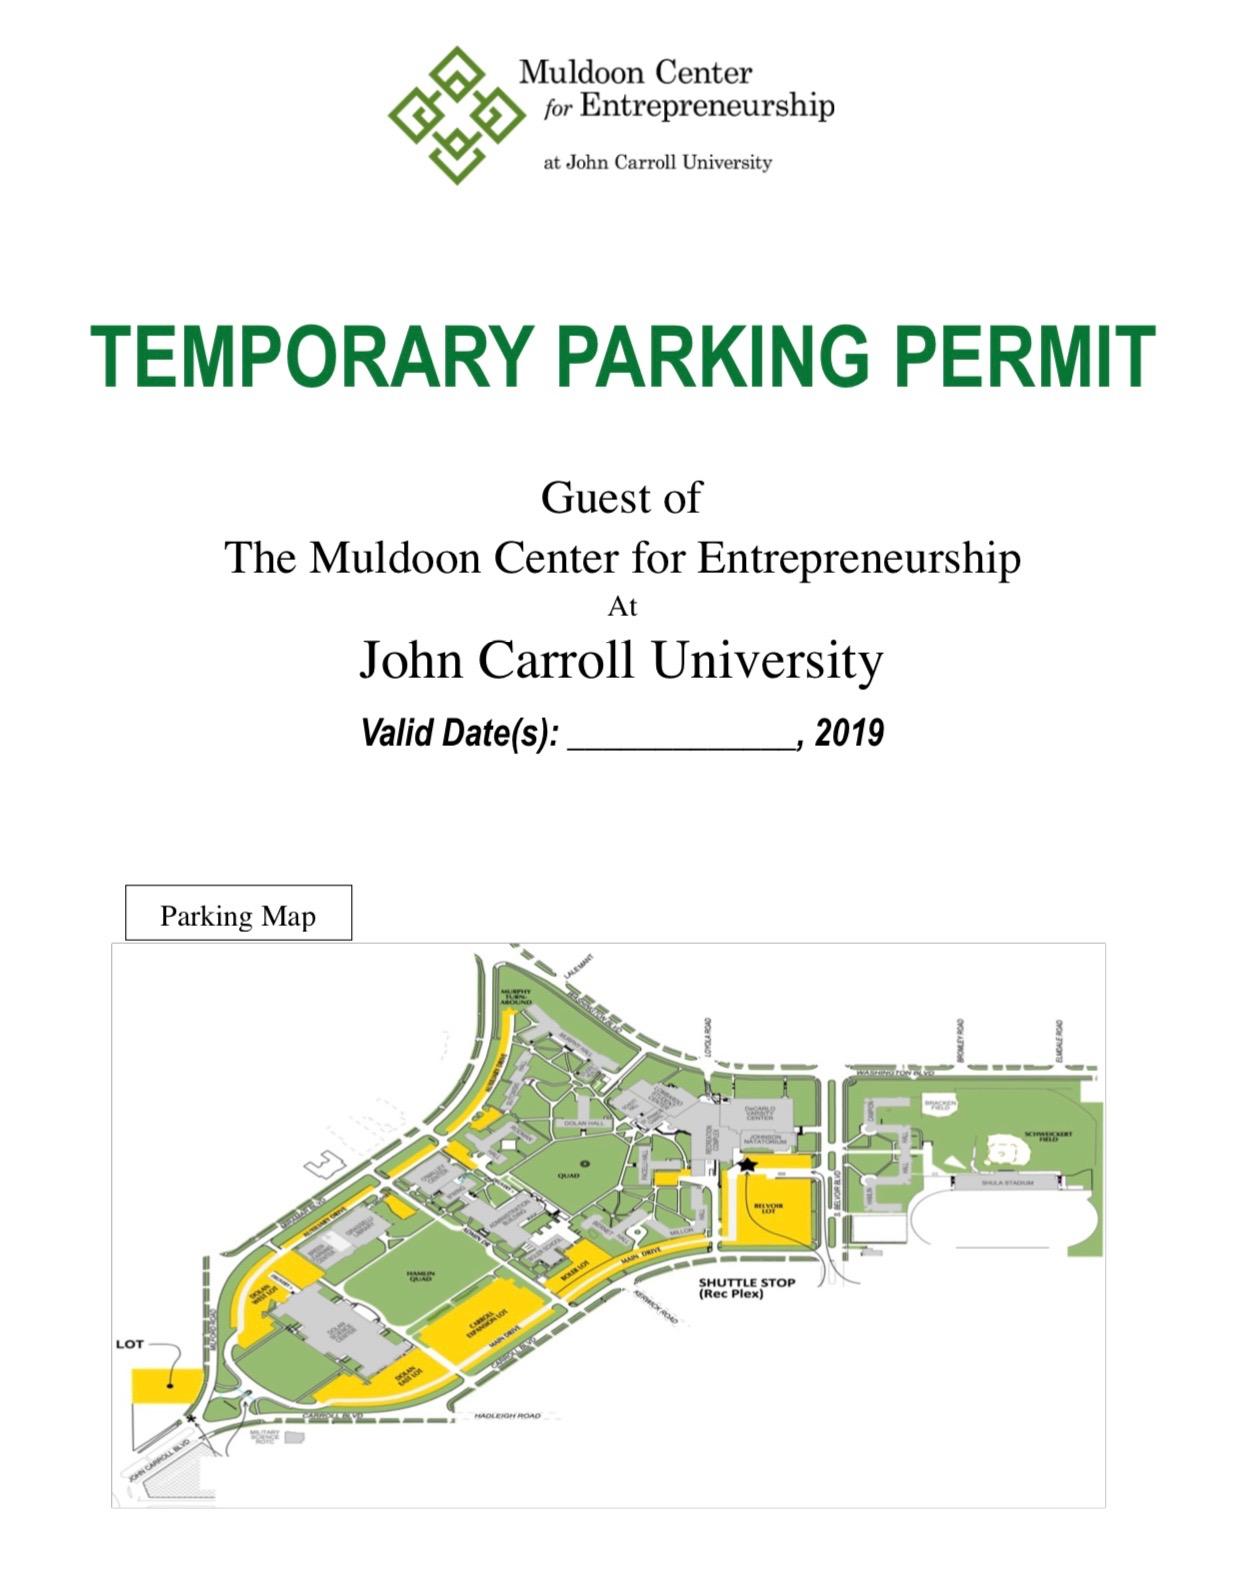 JCU Parking Map.JPG